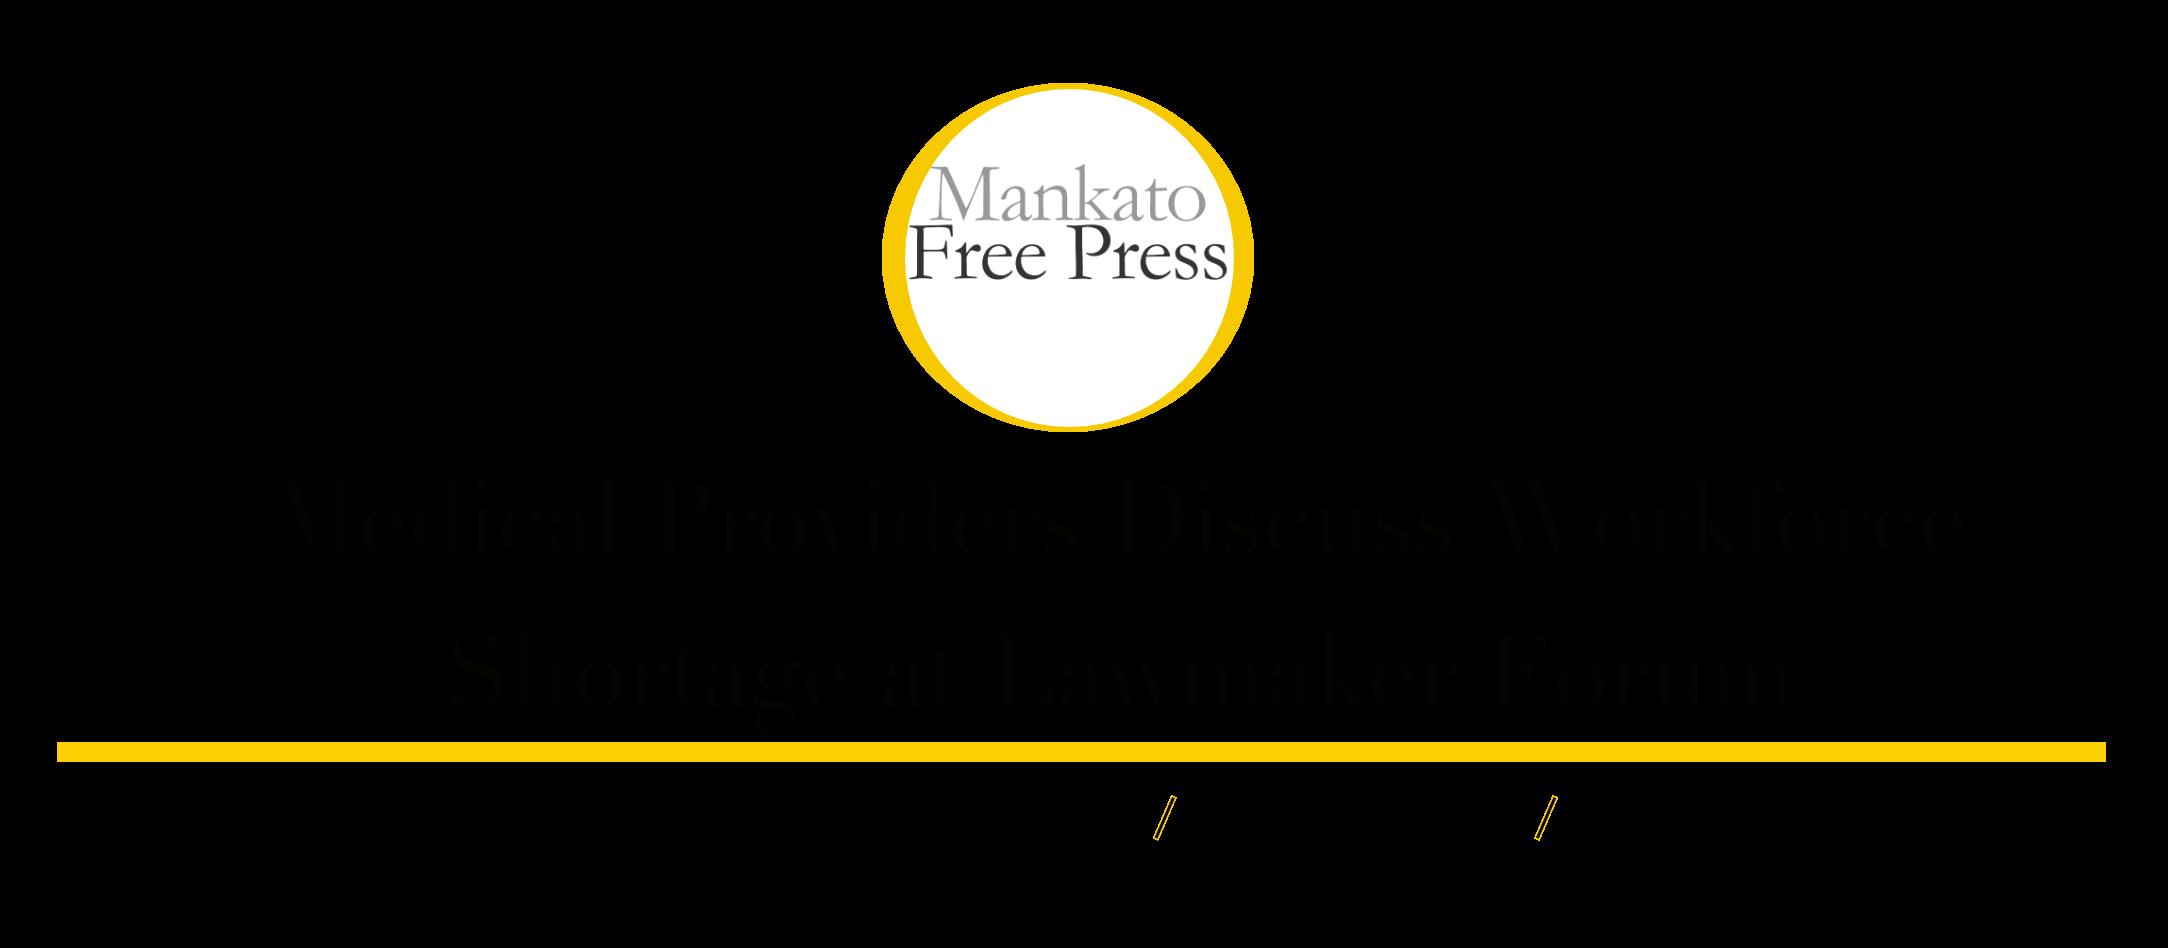 free press 10-17.png